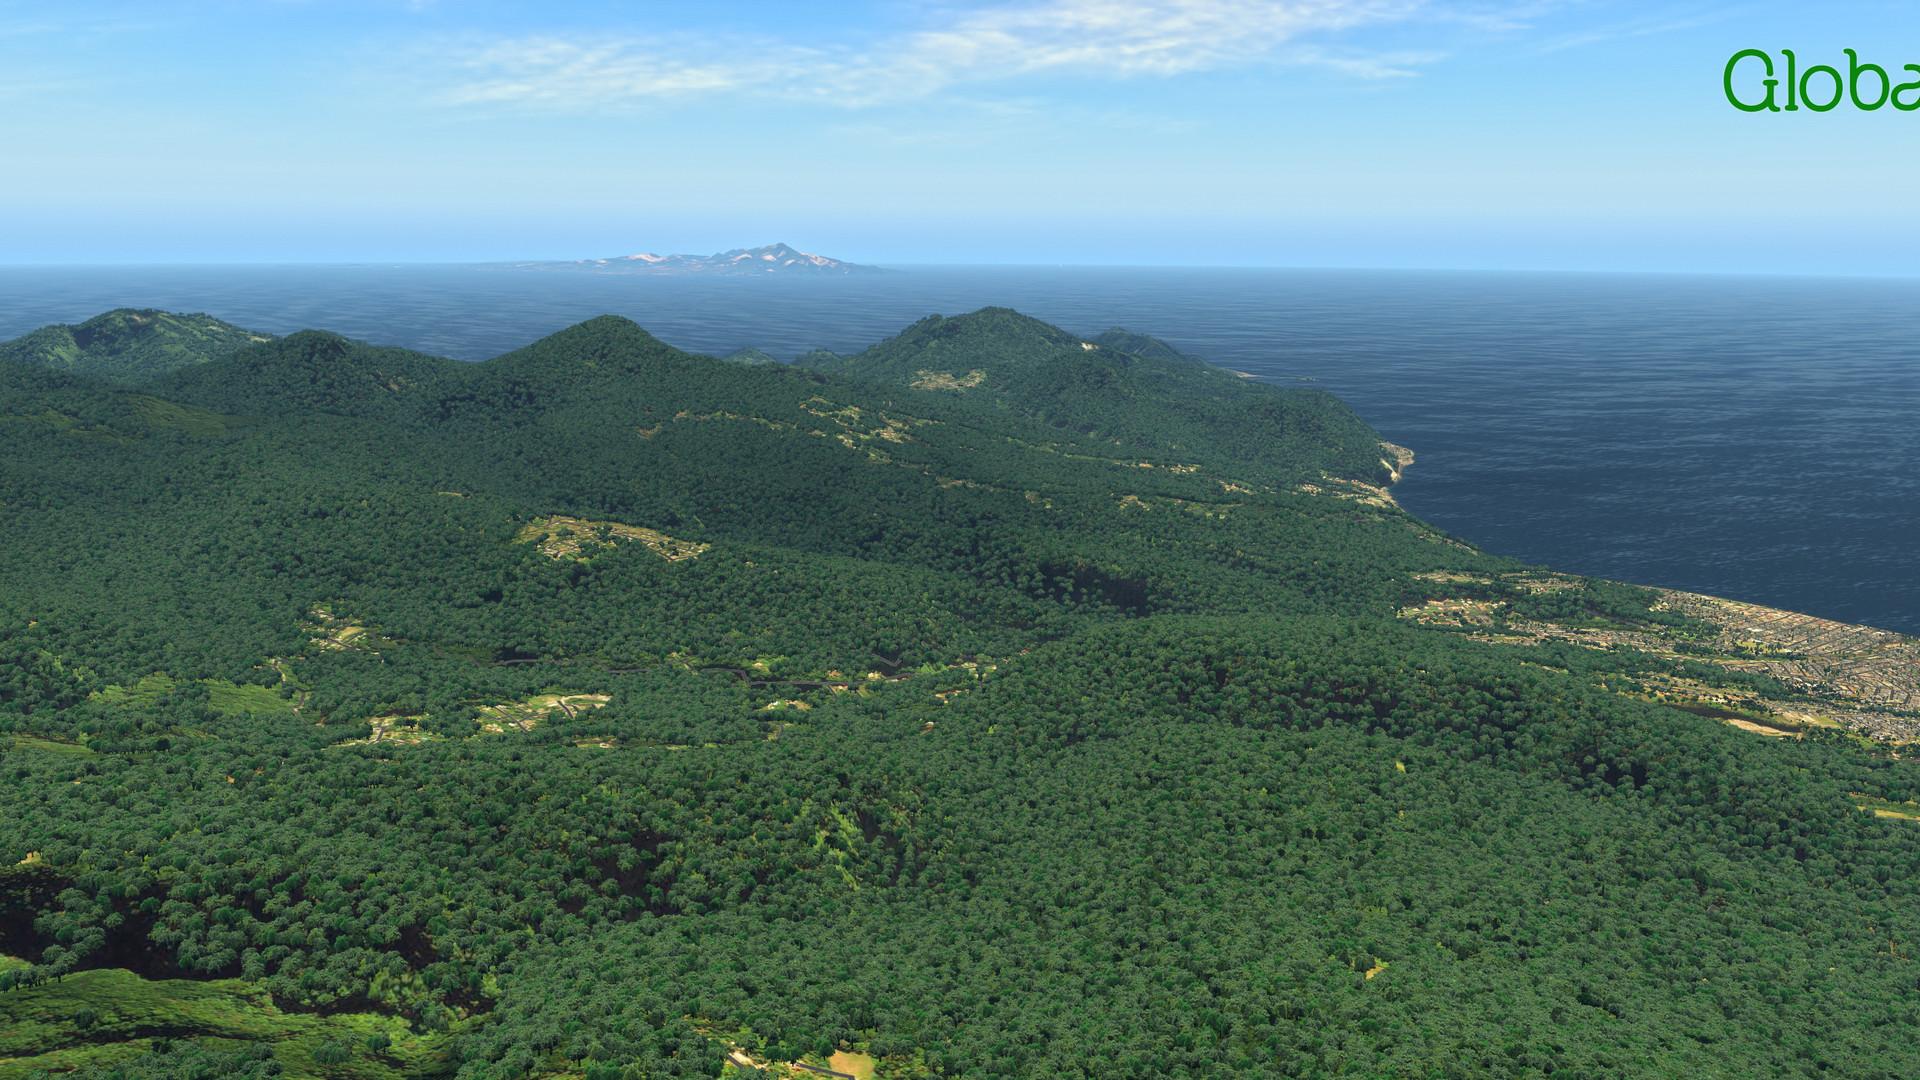 Global_Forests_Carribean3.jpg